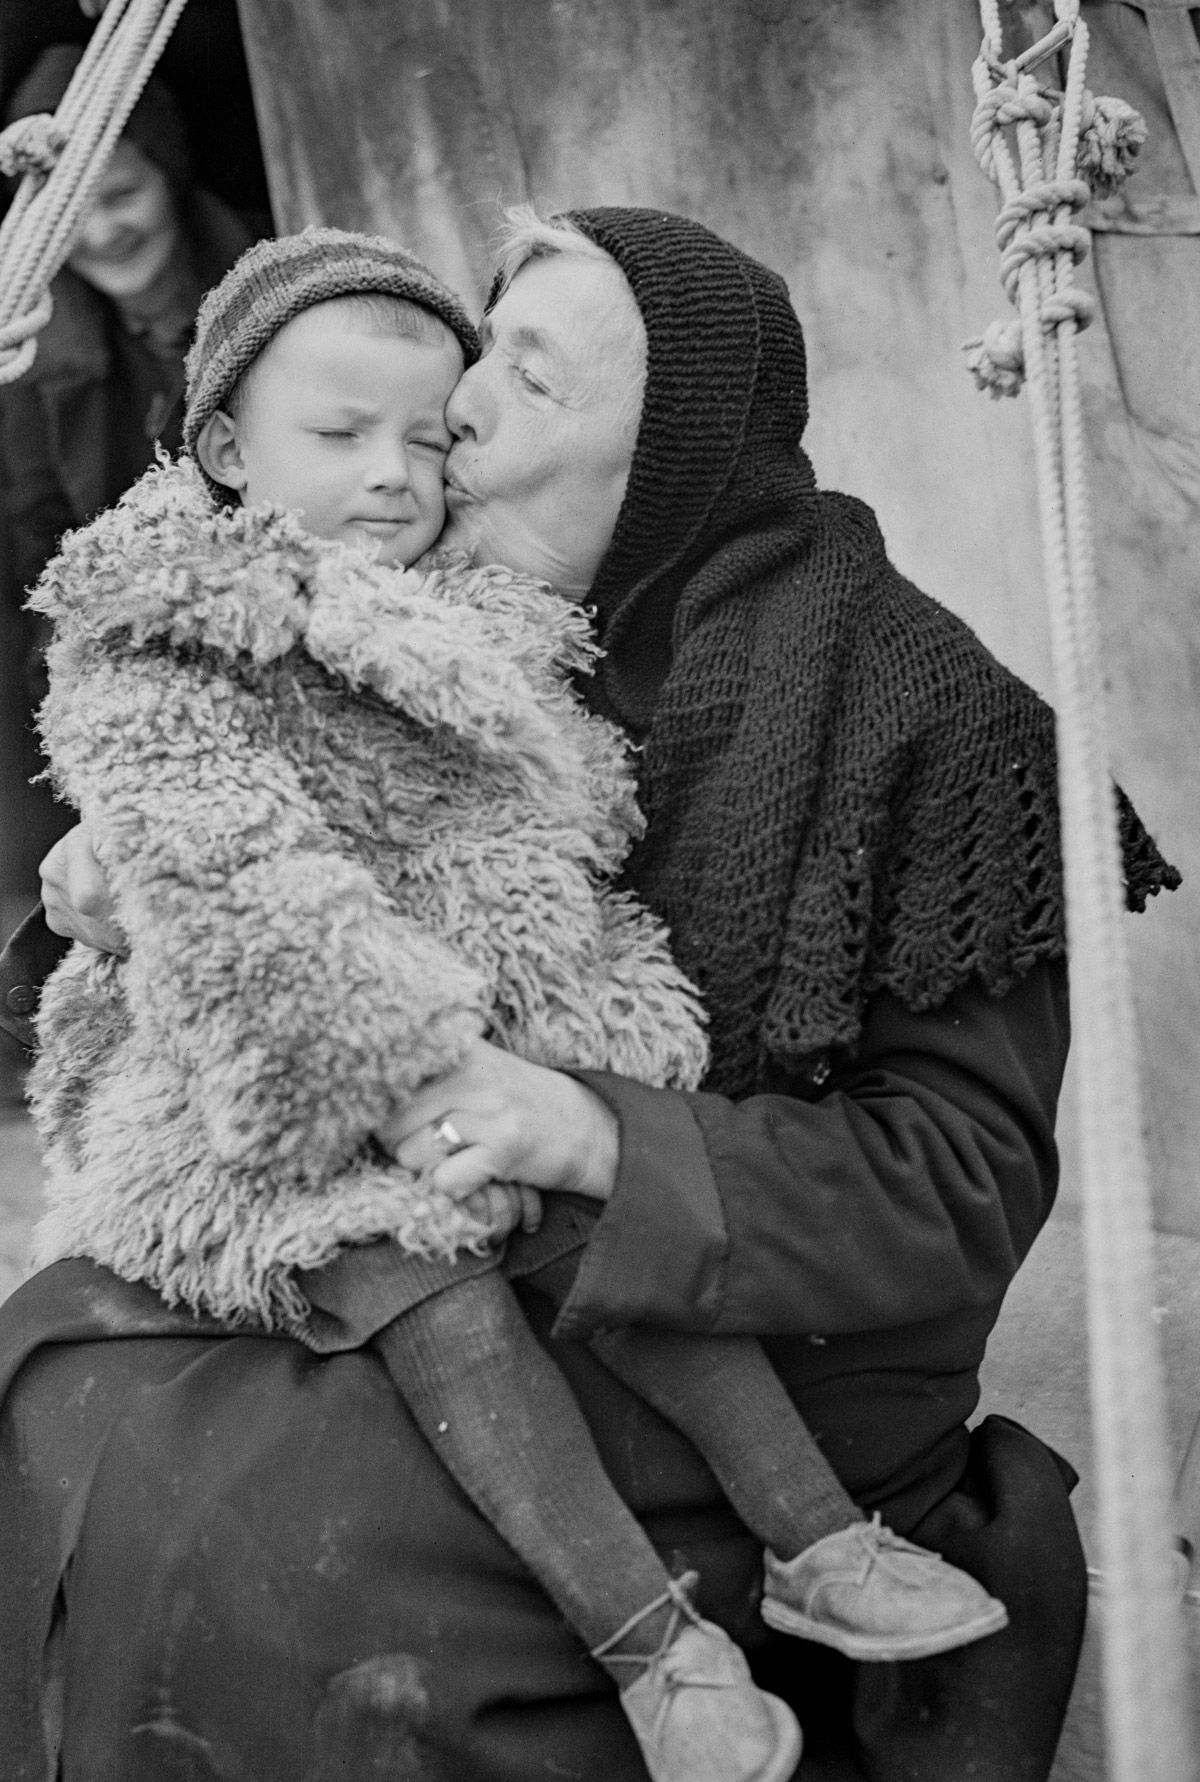 Na Segunda Guerra Mundial, refugiados poloneses encontraram seguran�a no Ir� 07